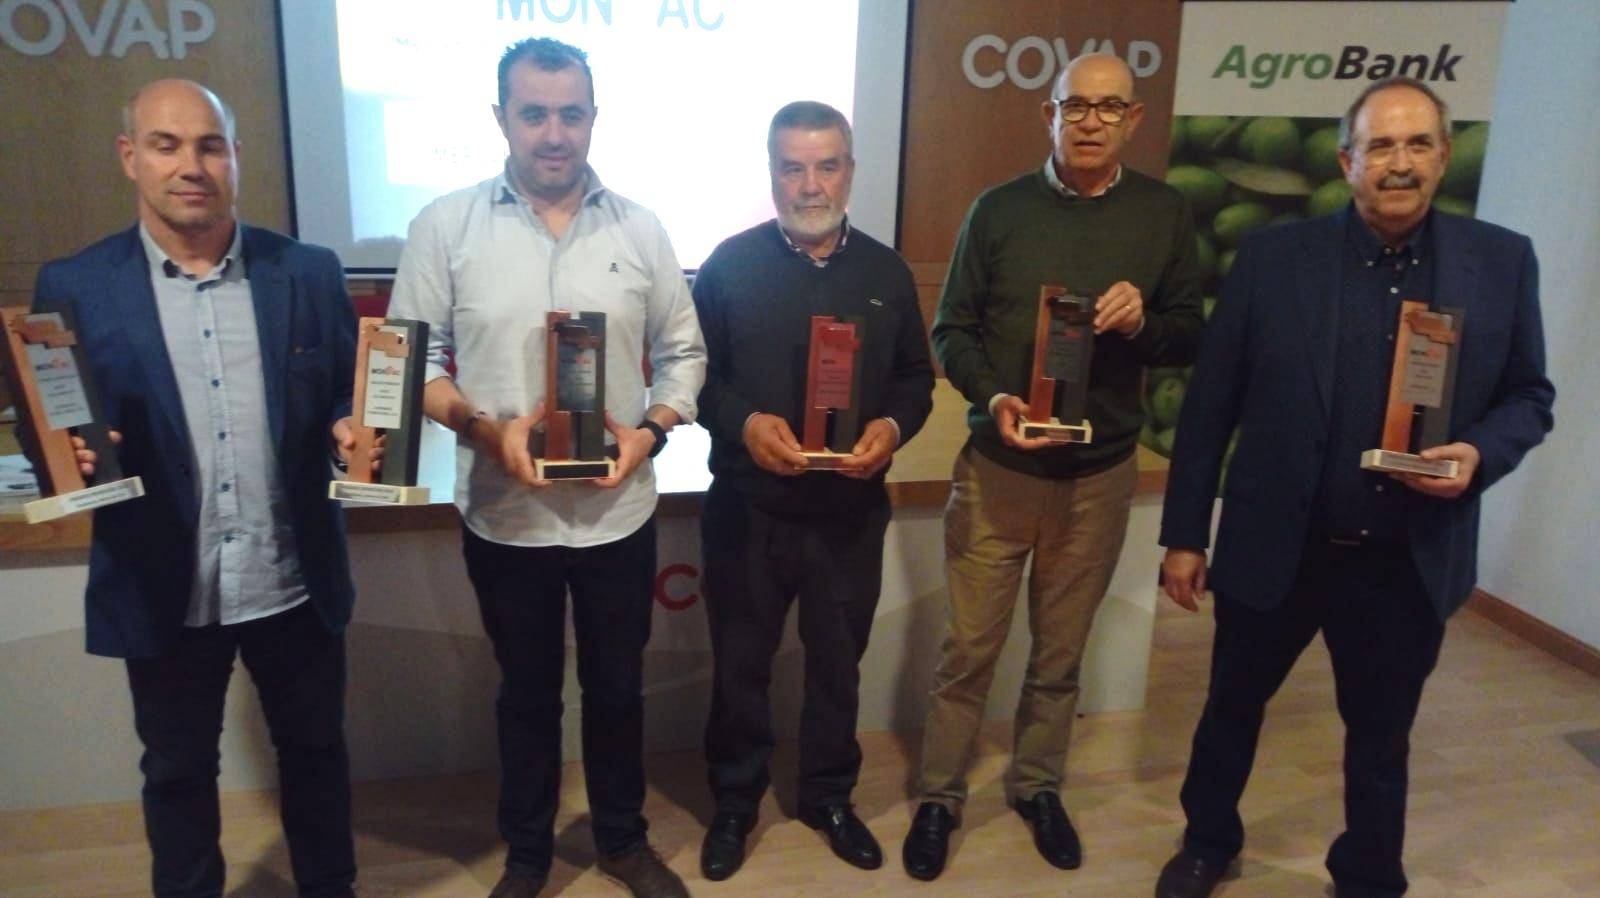 Los mejores analistas del mercado vacuno español, premiados en el PronosVac 2018